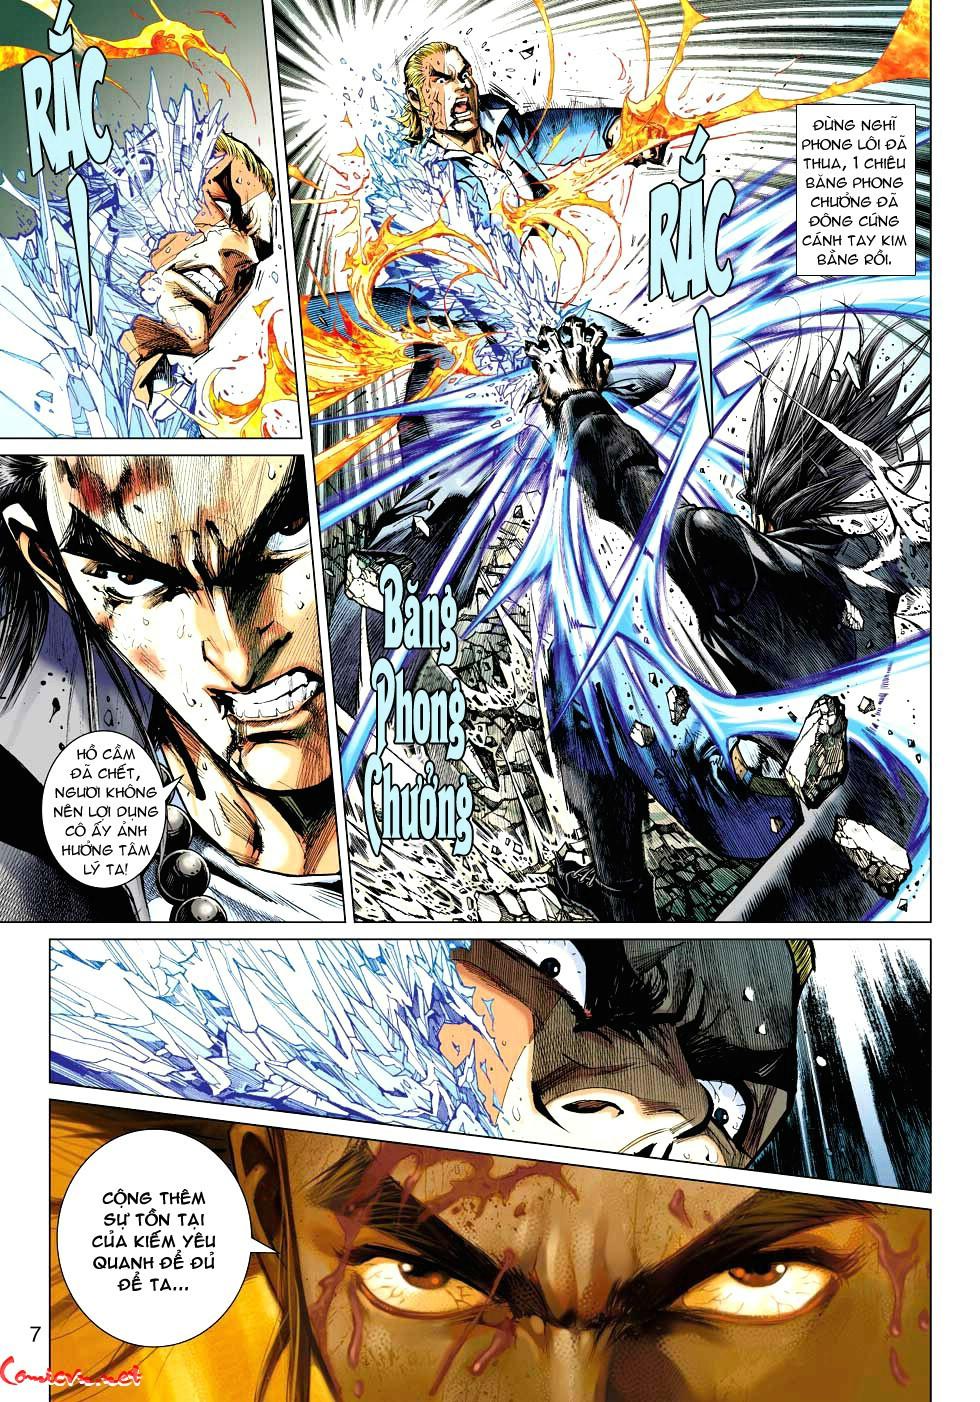 Vương Phong Lôi 1 chap 34 - Trang 7